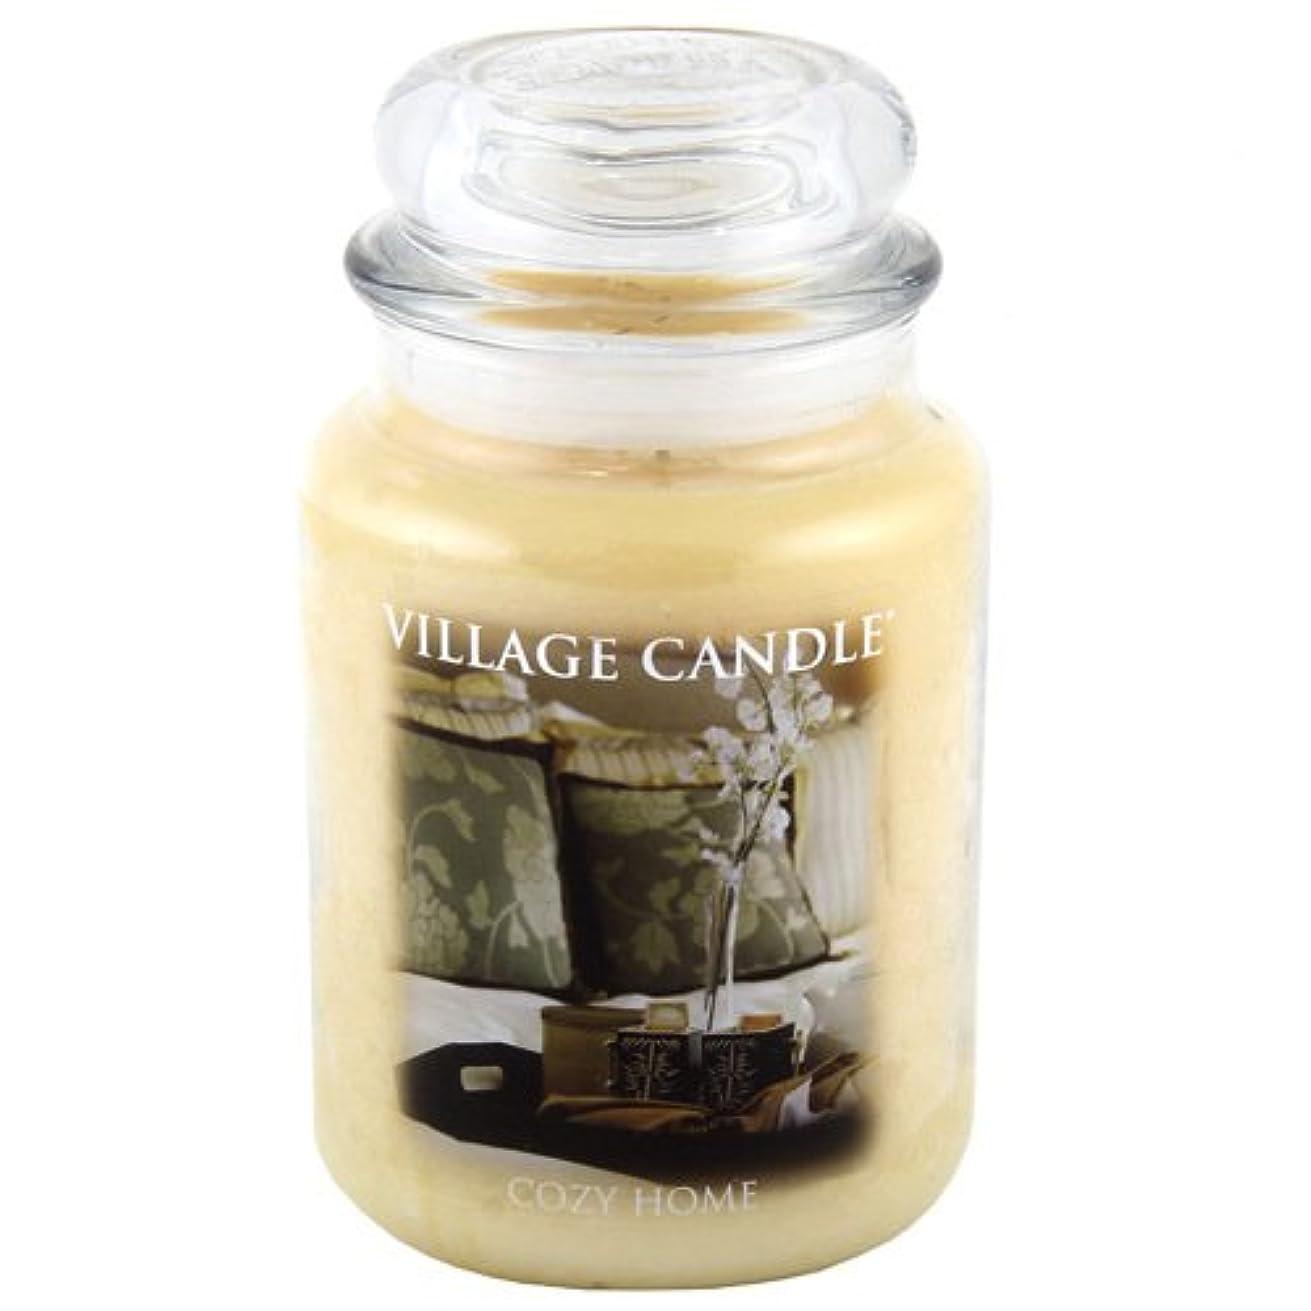 不屈パッチ楽しませるVillage Candle Large Fragranced Candle Jar - 17cm x 10cm - 26oz (1219g)- Cozy Home - upto 170 hours burn time...